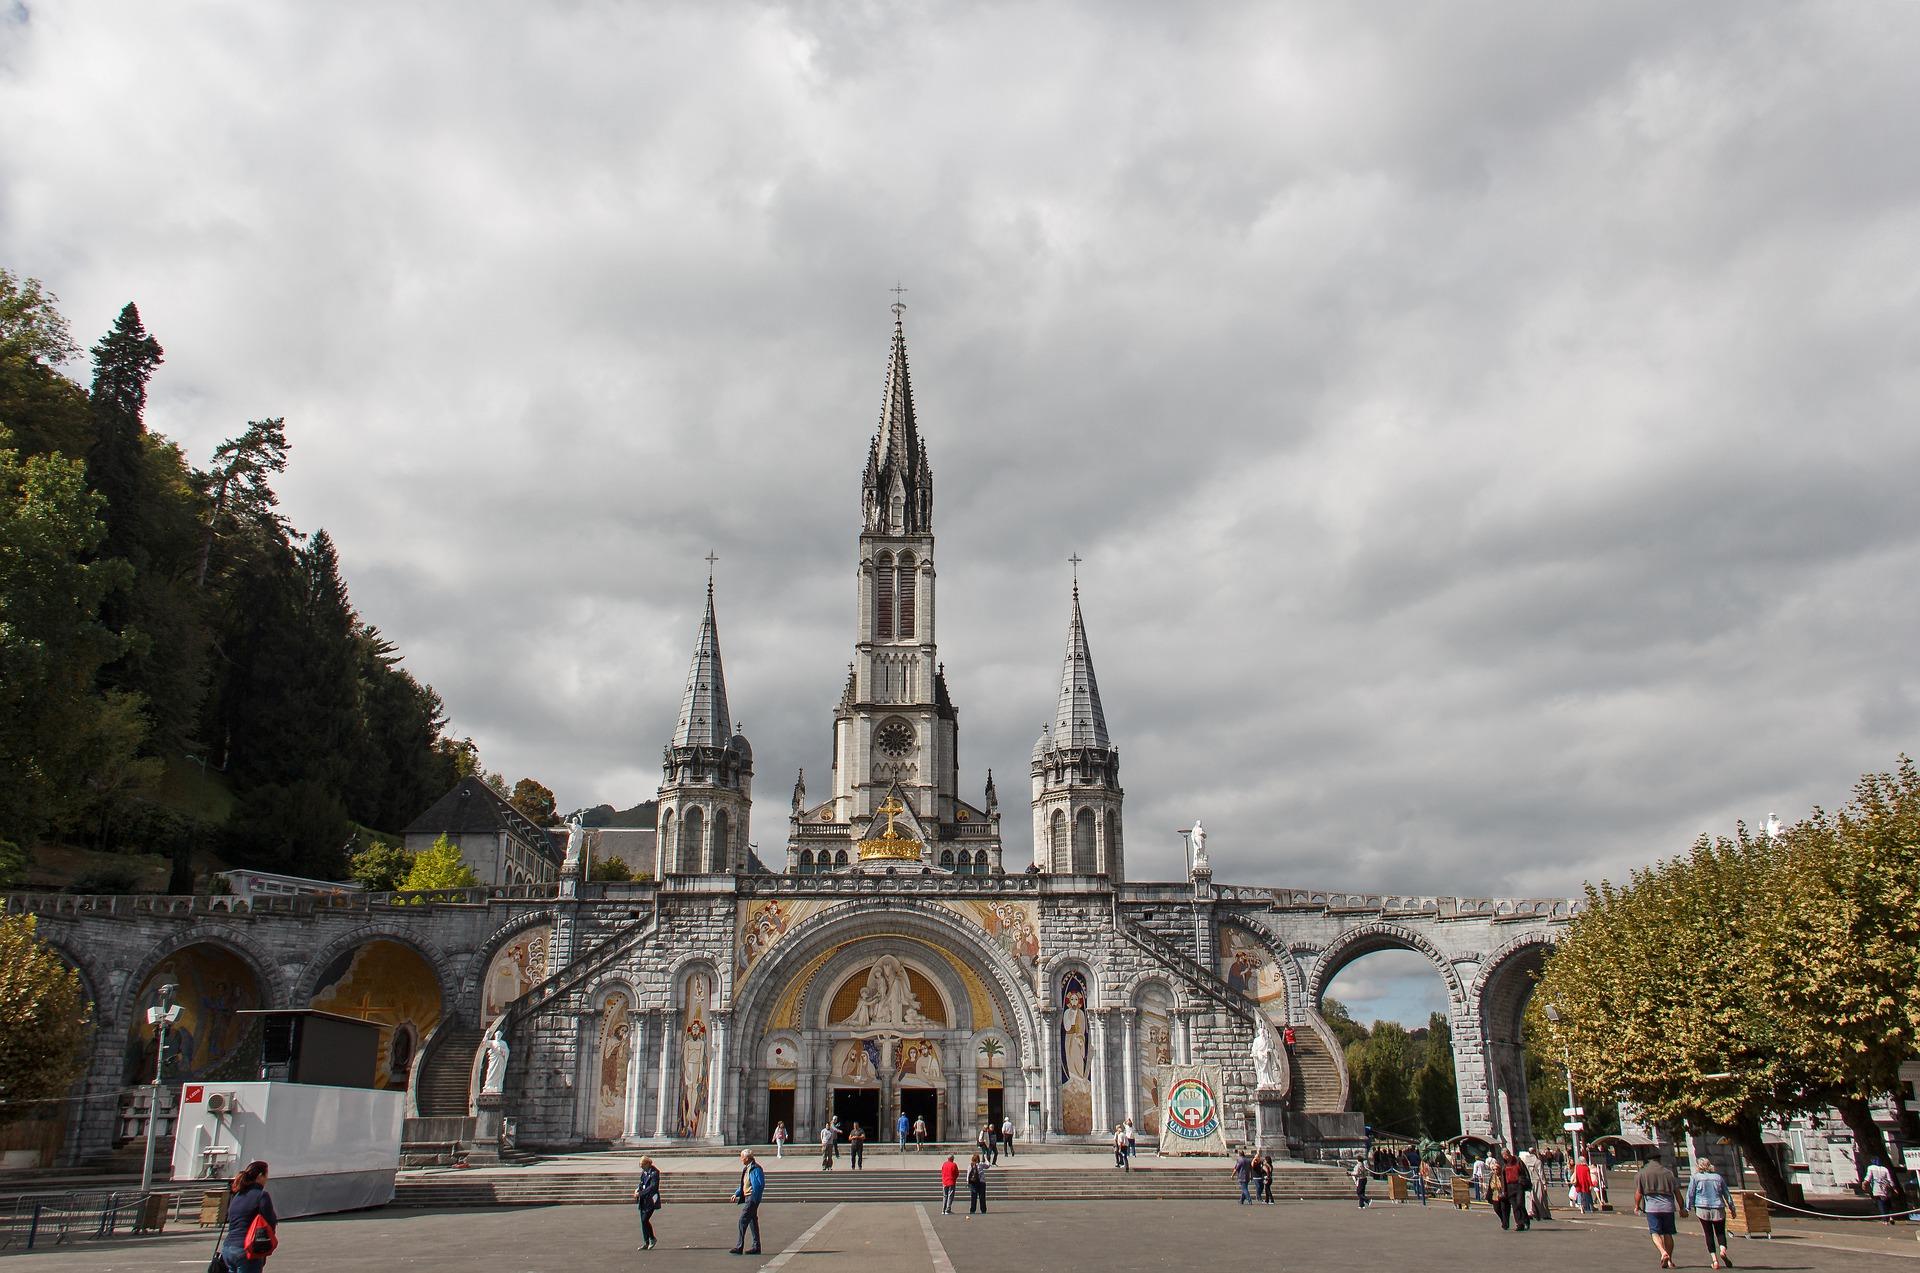 Calendario pellegrinaggi Lourdes 2020: le date